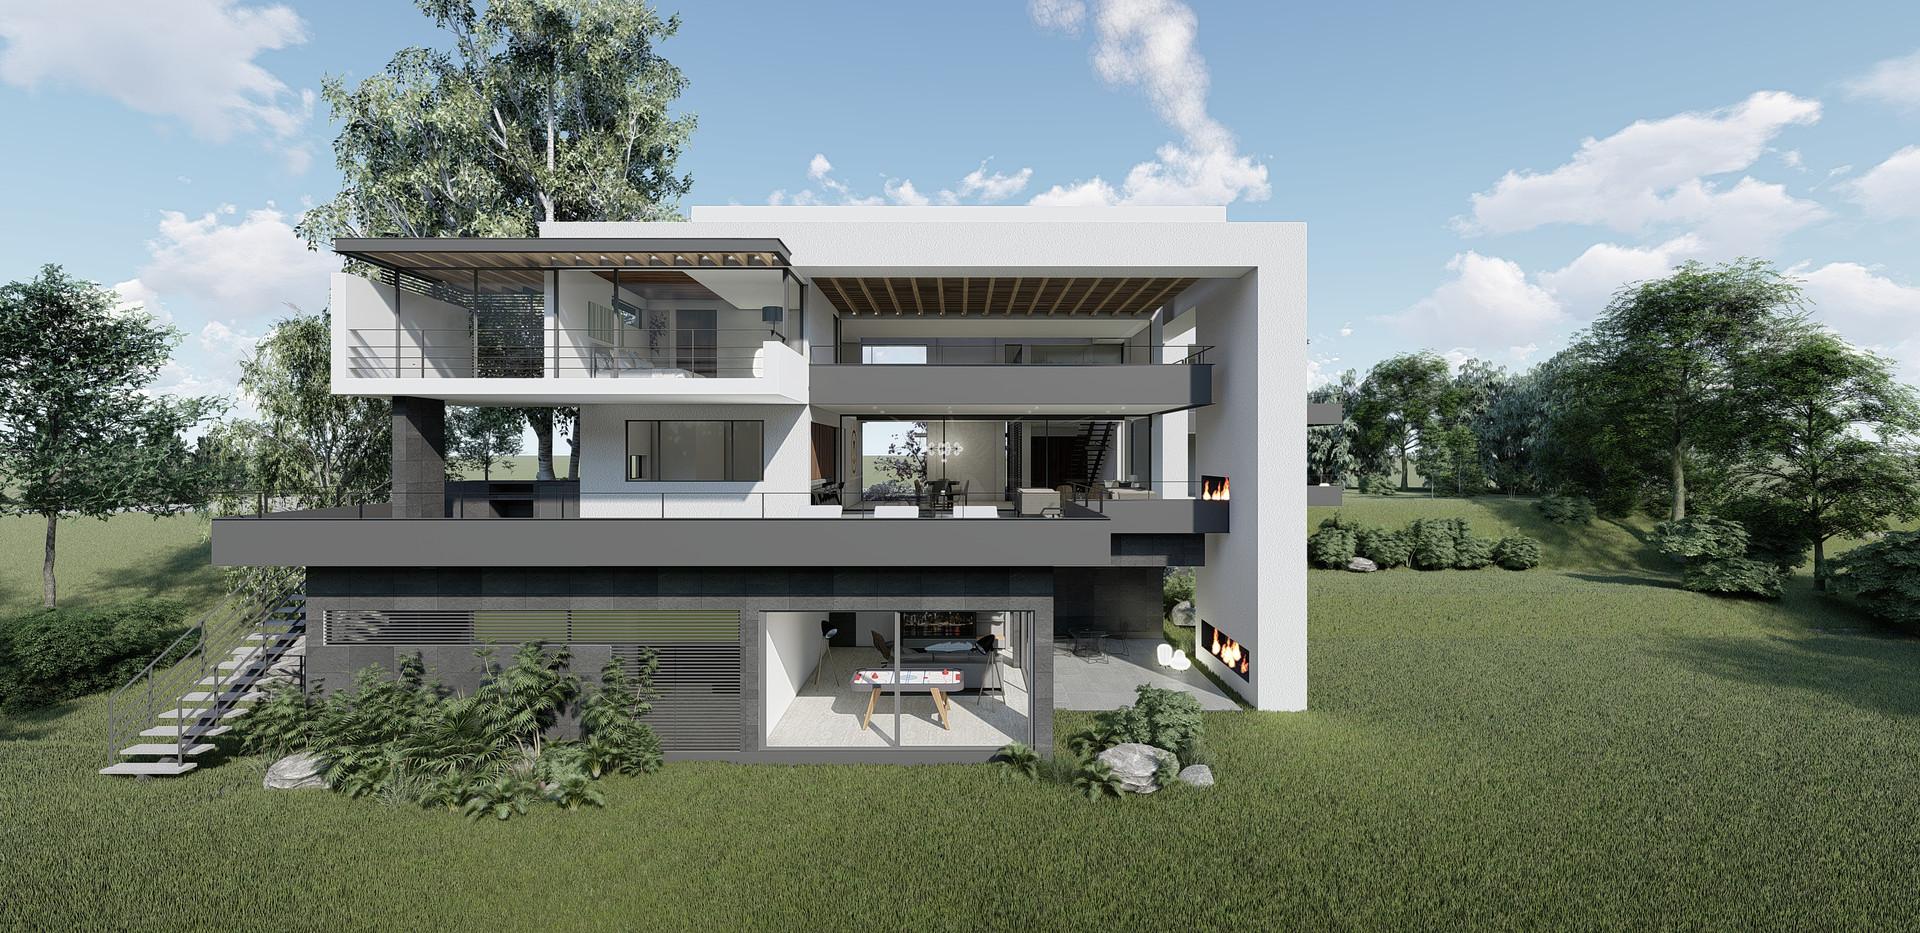 casa donde min_Photo - 6.jpg